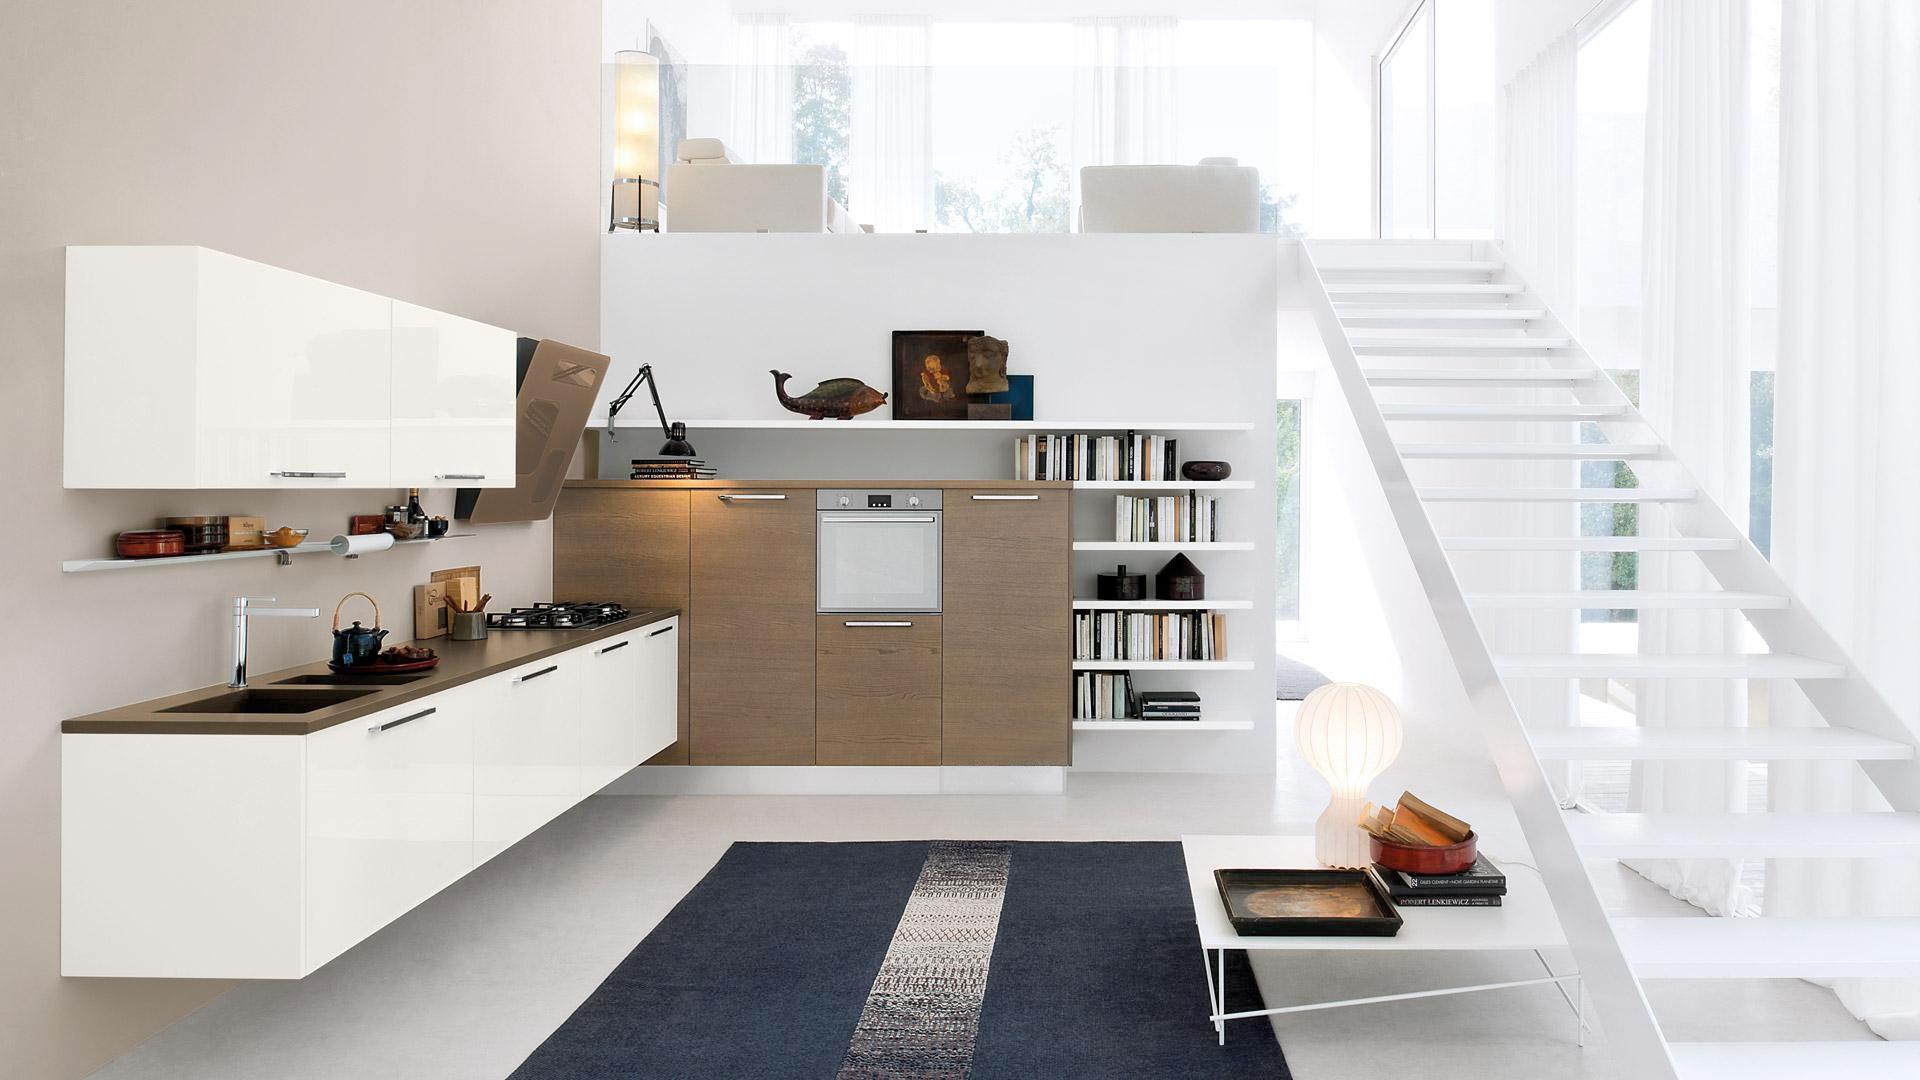 Quale cucina scegliere? | Lube Store Milano - Le Cucine Lube & Creo ...